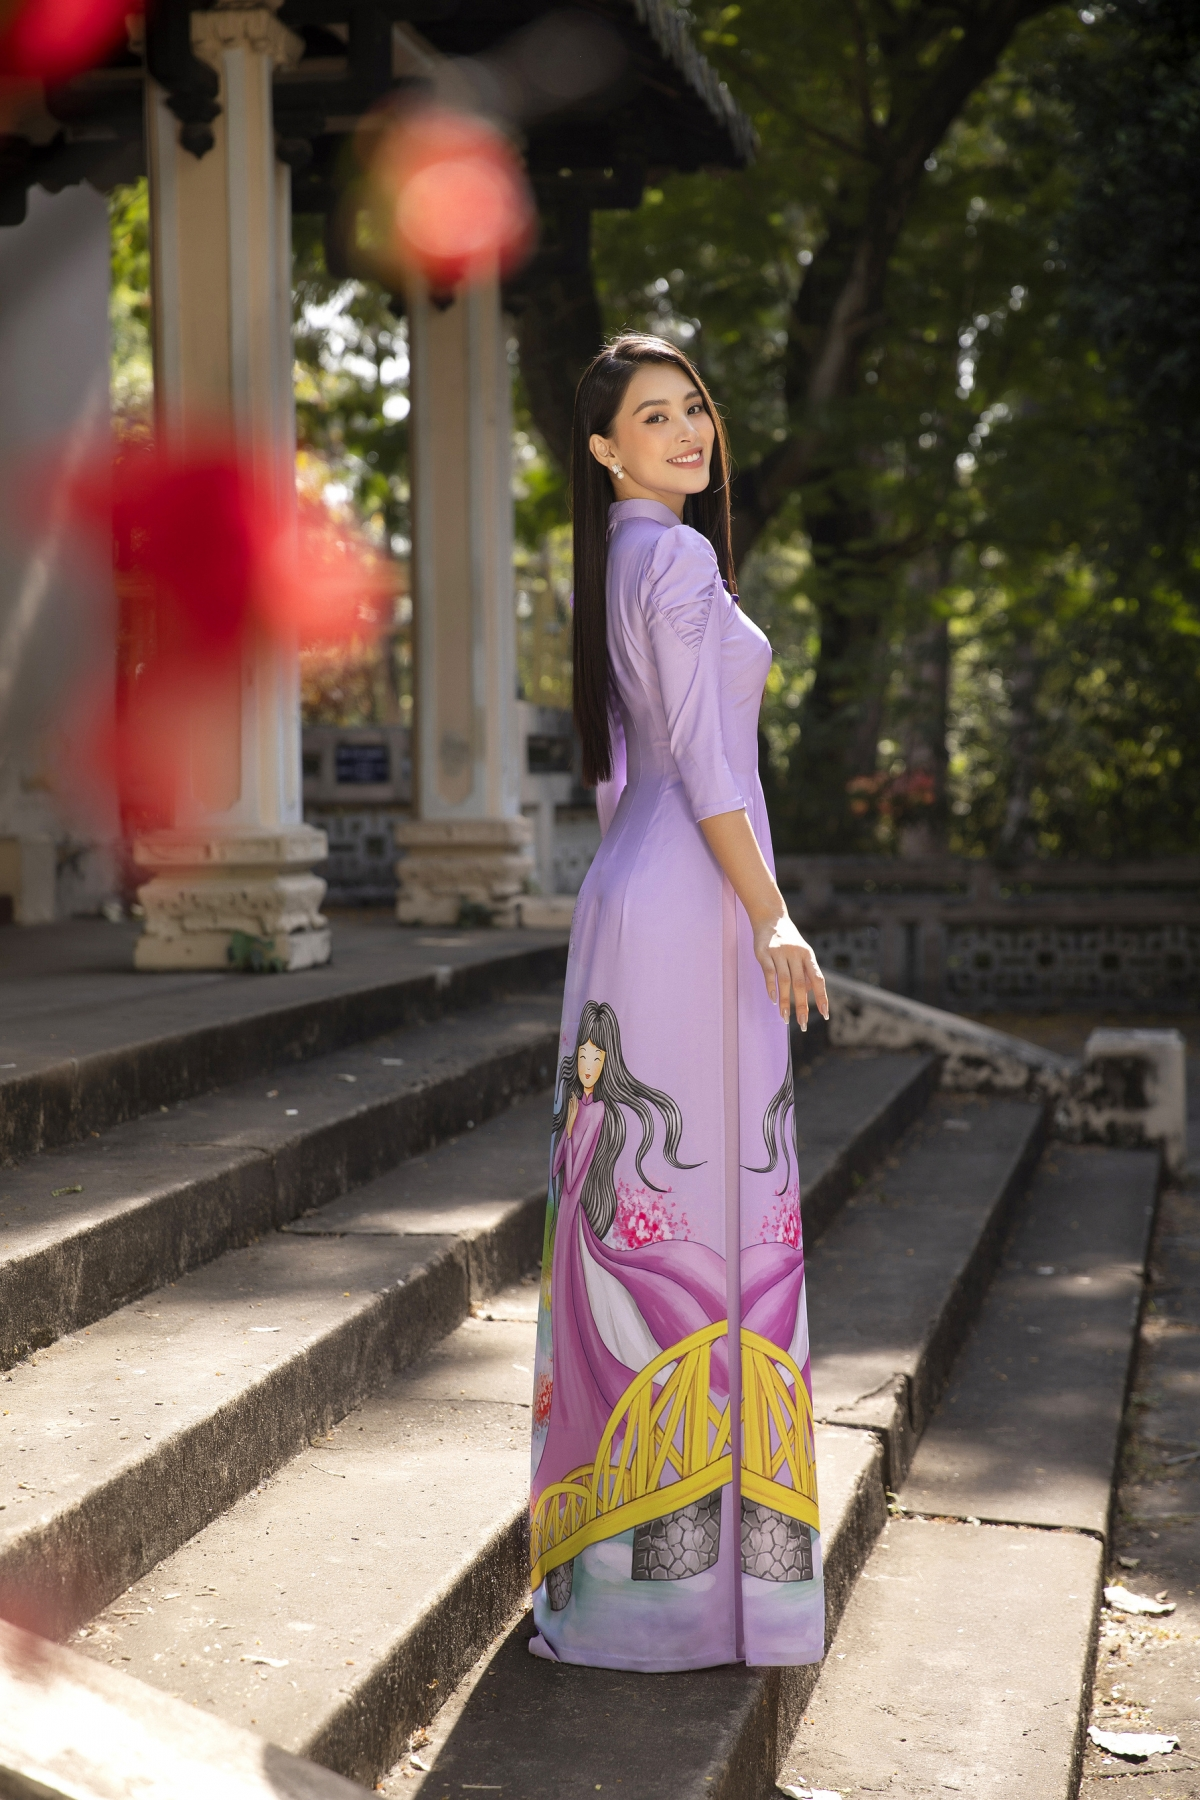 Nàng Hậu hướng tới sự nền nã, chuẩn mực với phong cách ăn mặc kín đáo, giản dị trong tà áo dài nhưng vẫn phảng phất nét hiện đại, trẻ trung.